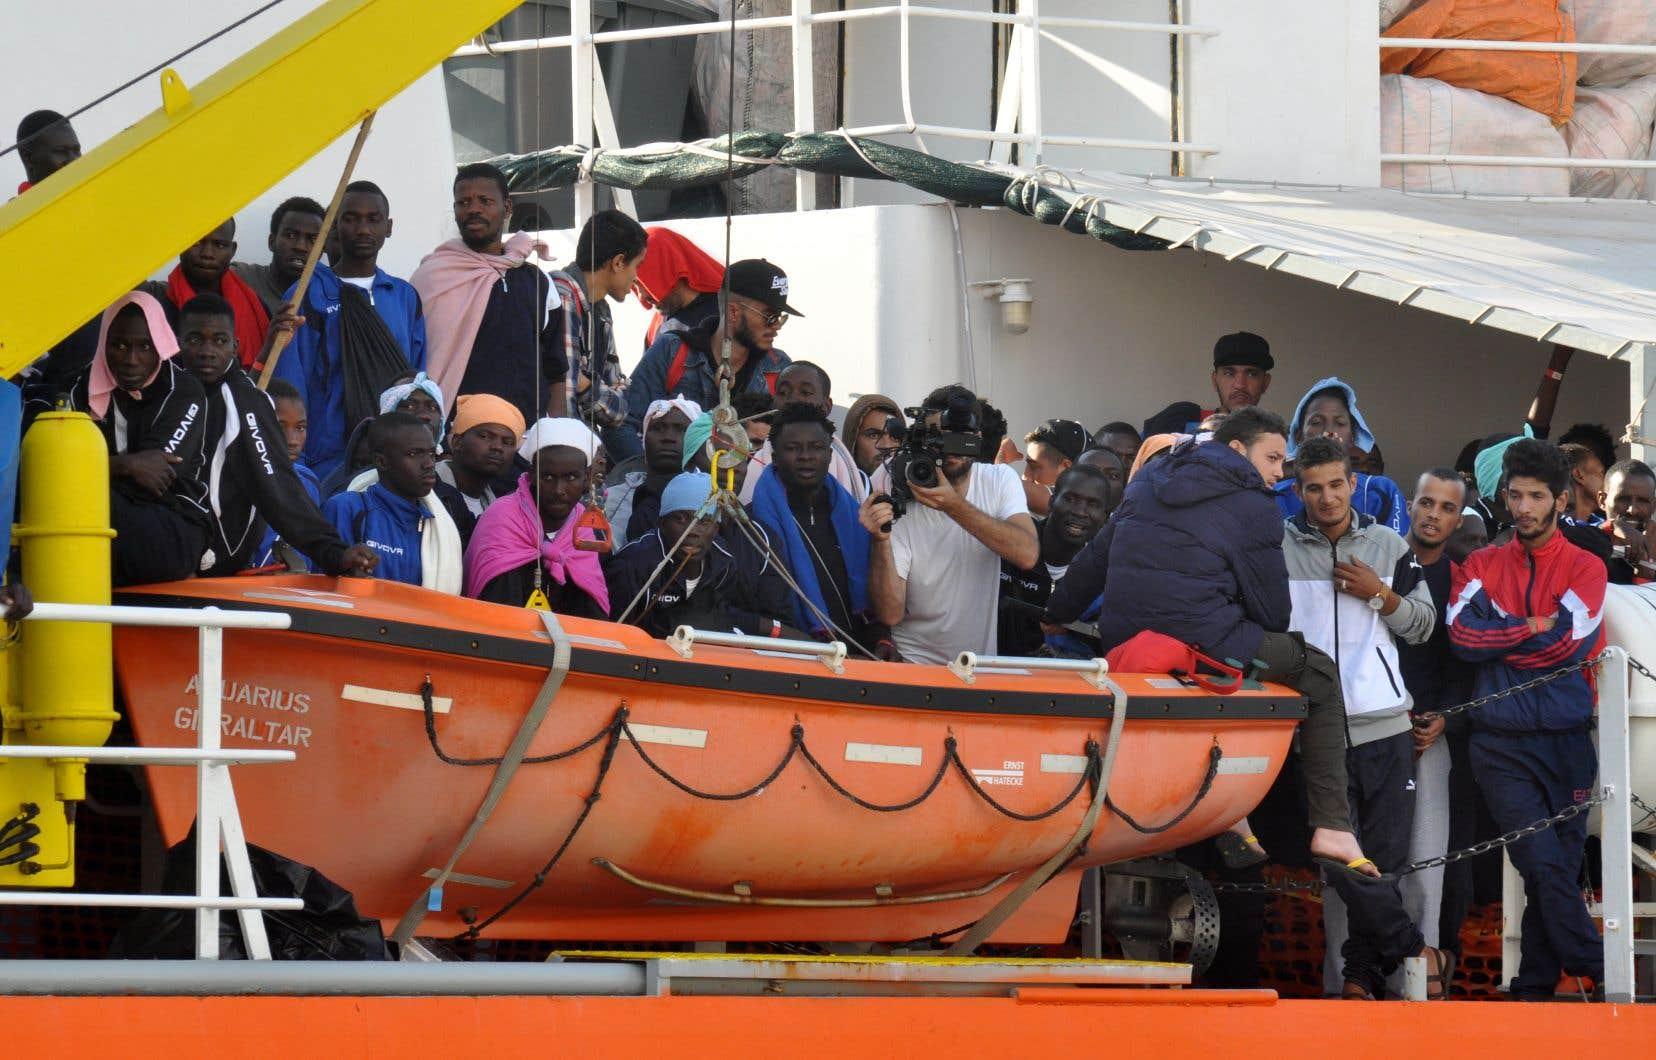 Les pays européens ont puisé dans l'aide au développement pour faire face à l'arrivée de migrants, dépensant sur leur territoire des sommes qui avaient été allouées, en principe, aux pays en développement.